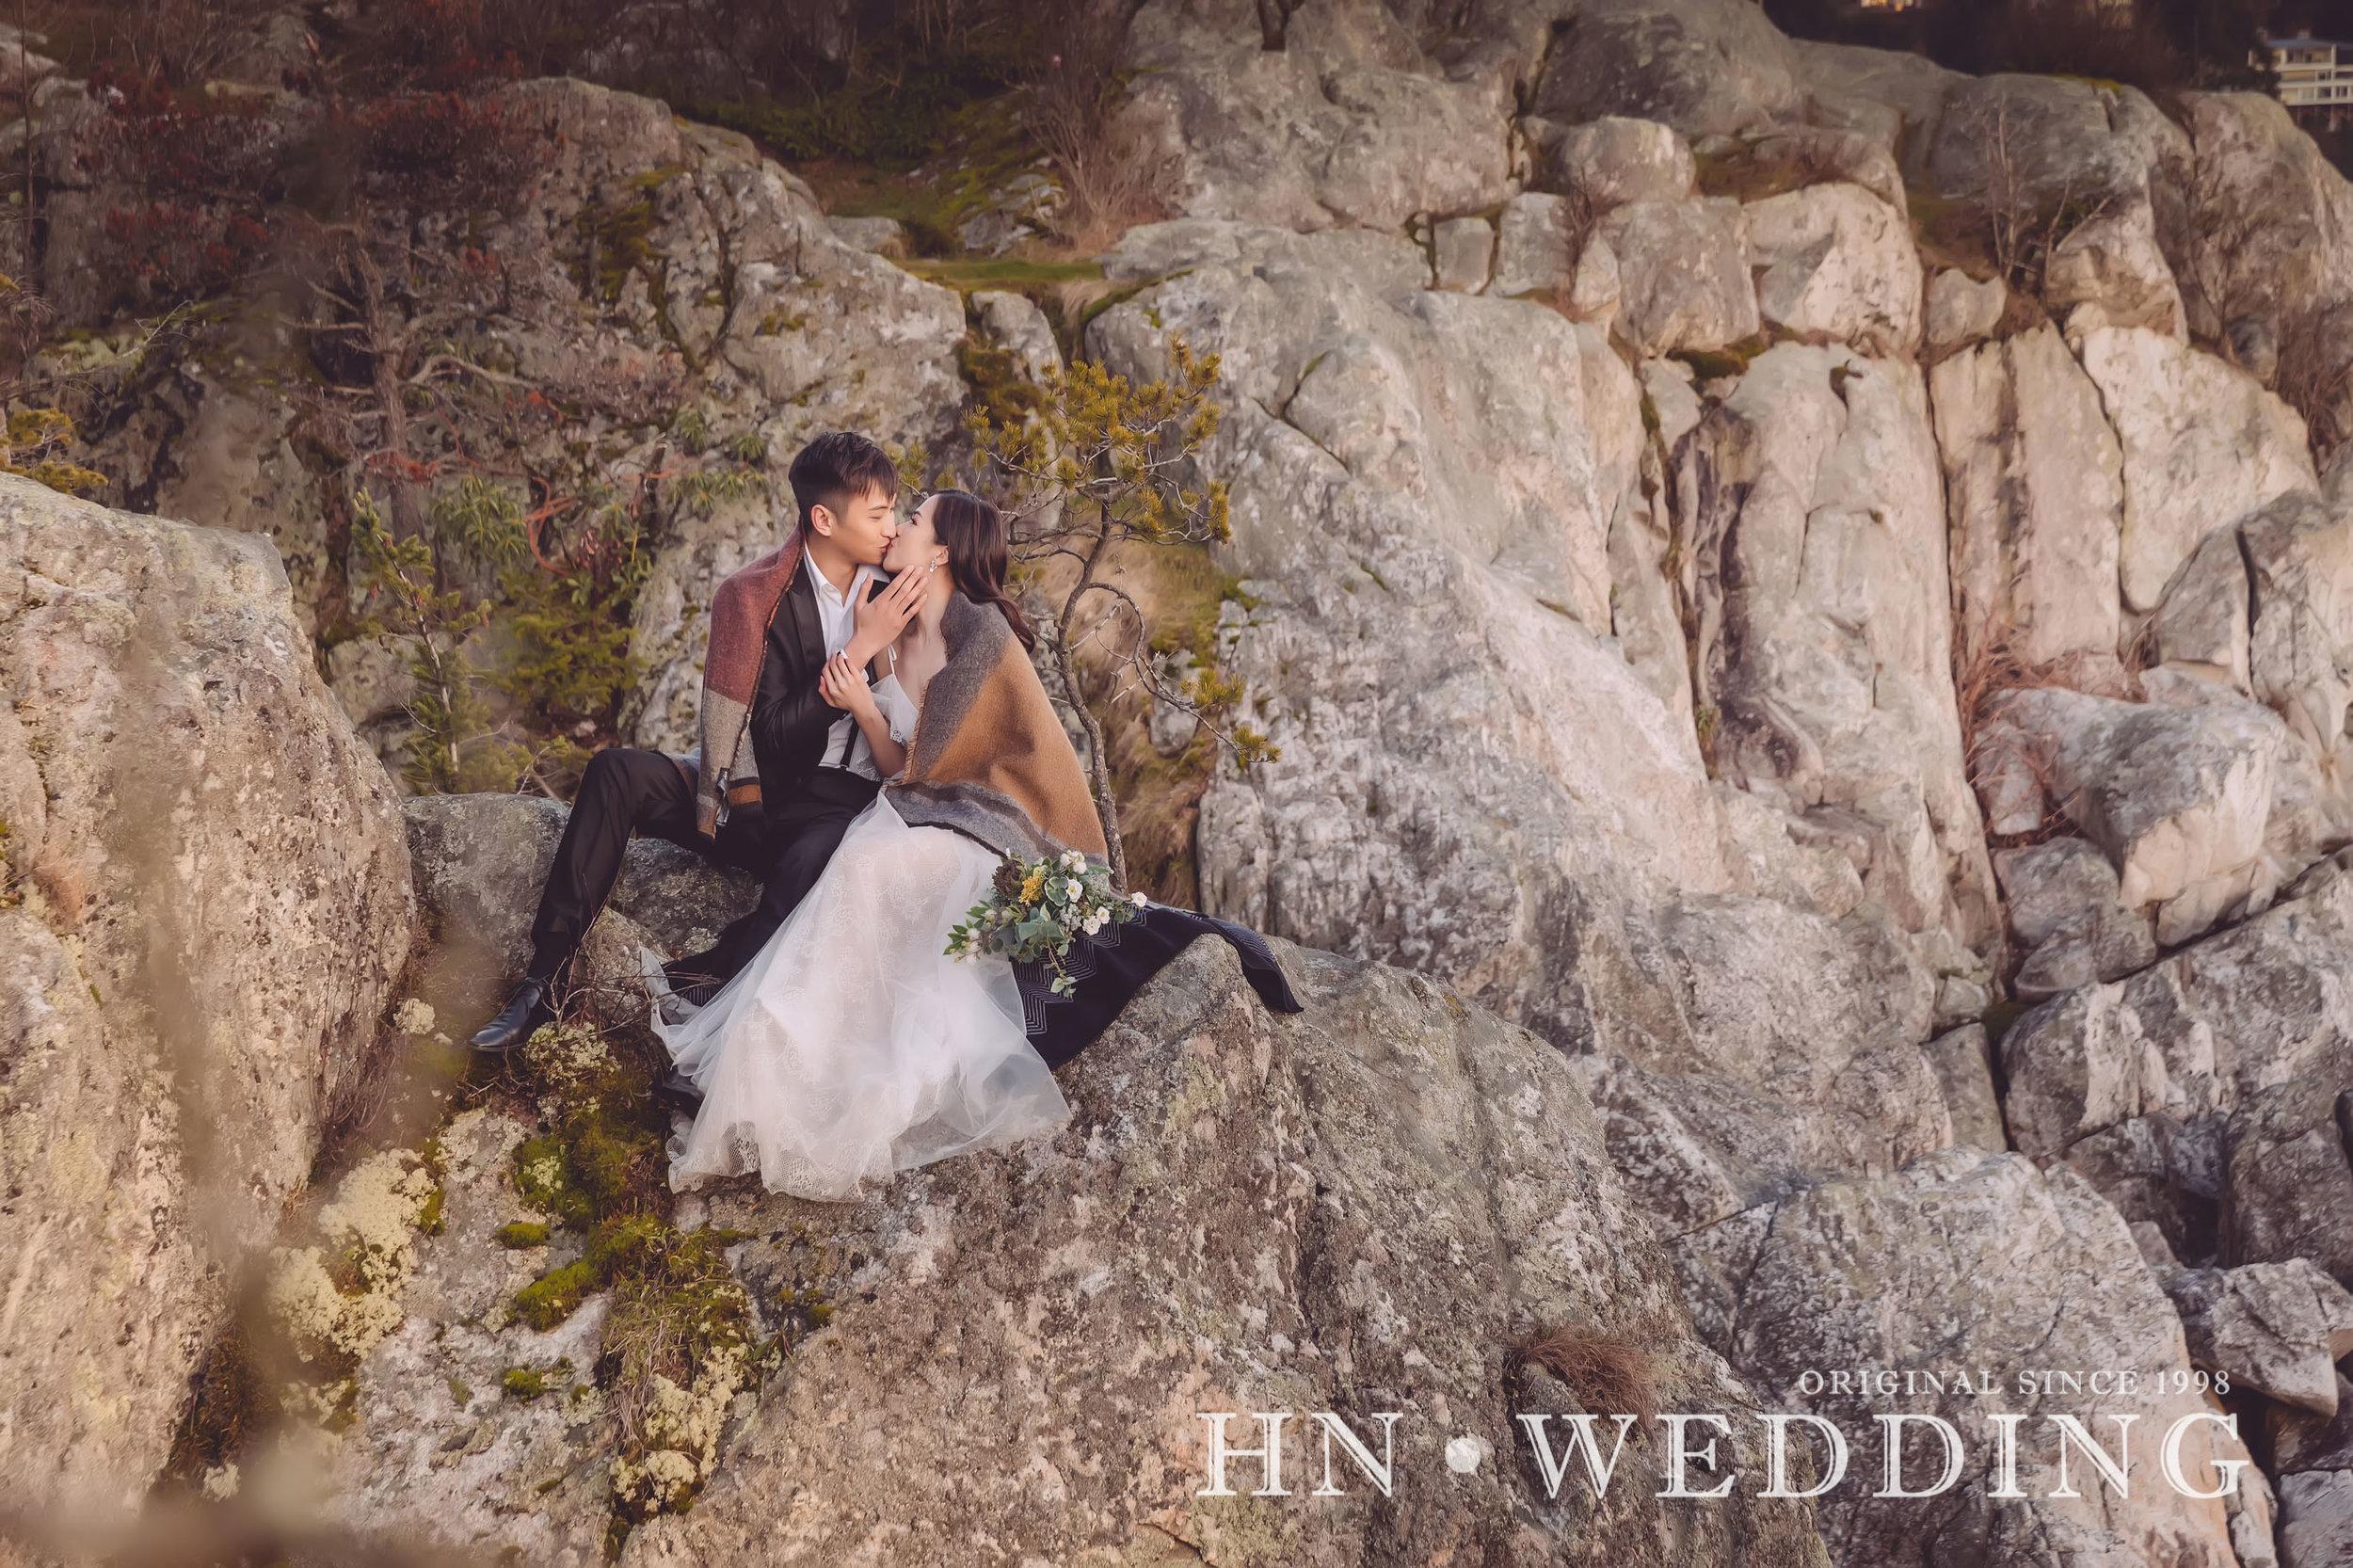 hnweddingprewedding20190220-69.jpg